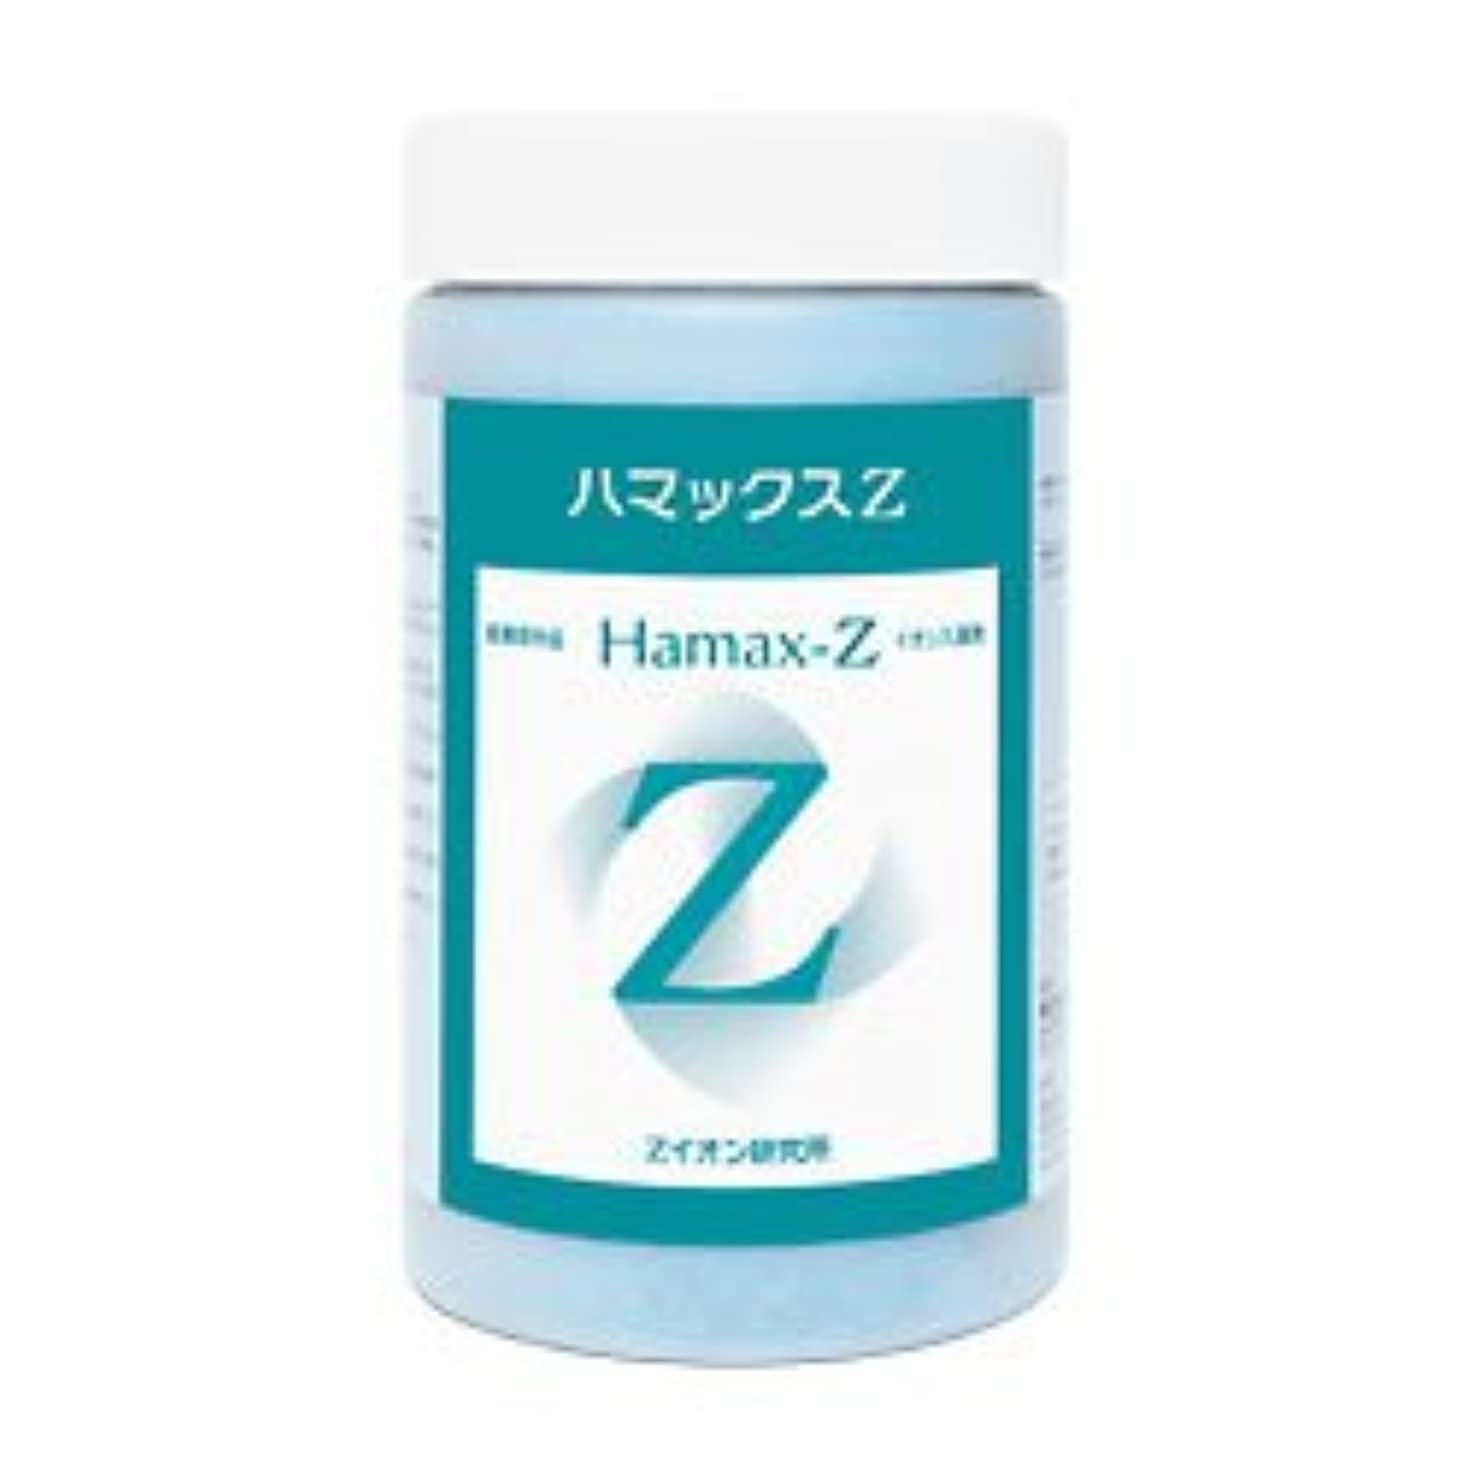 降伏推測する永続医薬部外品 イオン入湯剤ハマックスZ 700g